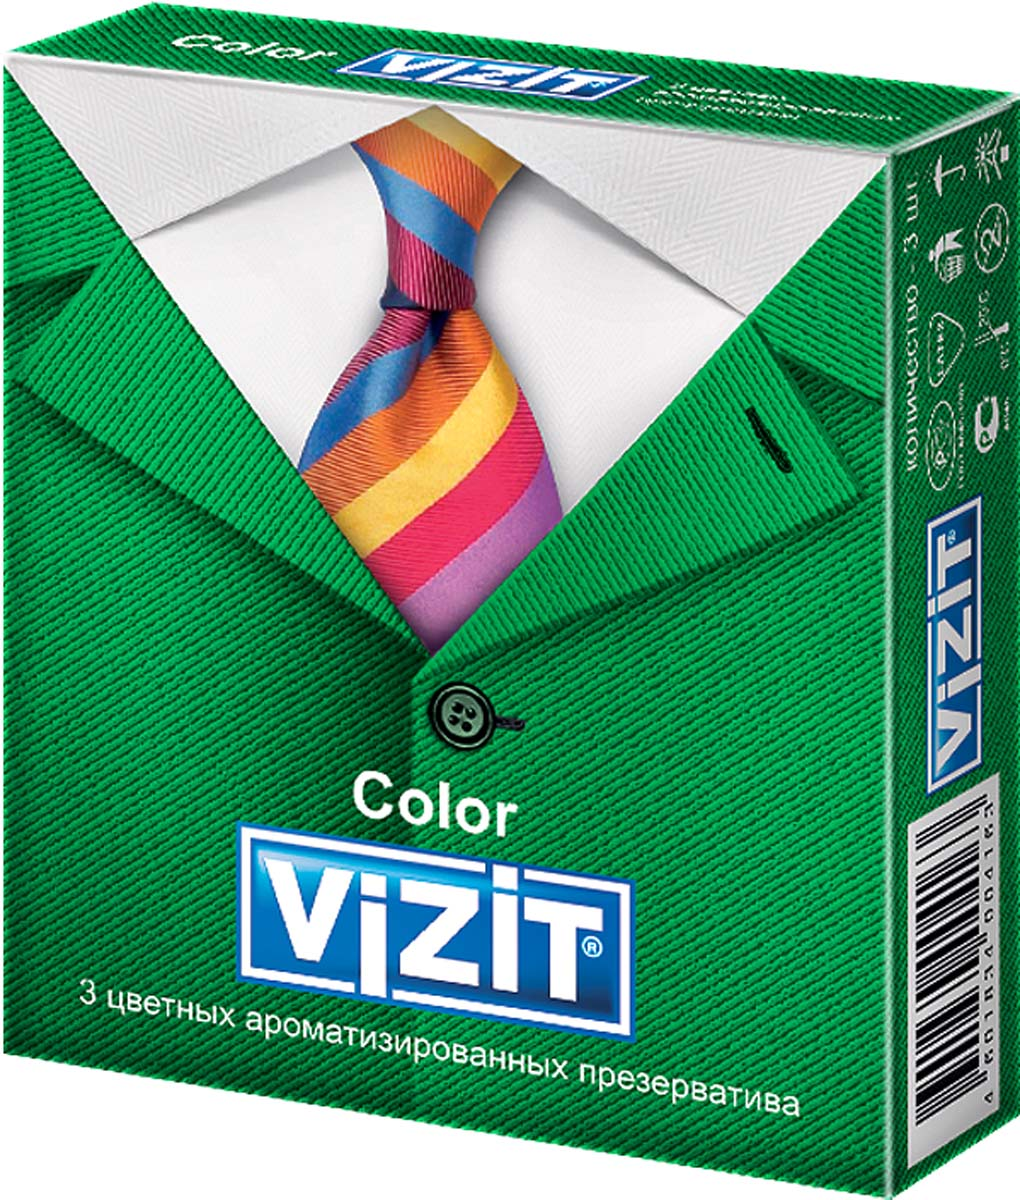 VIZIT Презервативы Color, цветные ароматизированные, 3 шт4163Цветные презервативы с накопителем, гладкие, с ароматизированной (клубника, банан, мята) силиконовой смазкой. Чувственные ароматы, необычные цвета этих презервативов привнесут в Вашу сексуальную жизнь много нового и необычного, сделав Ваши встречи более пикантными.